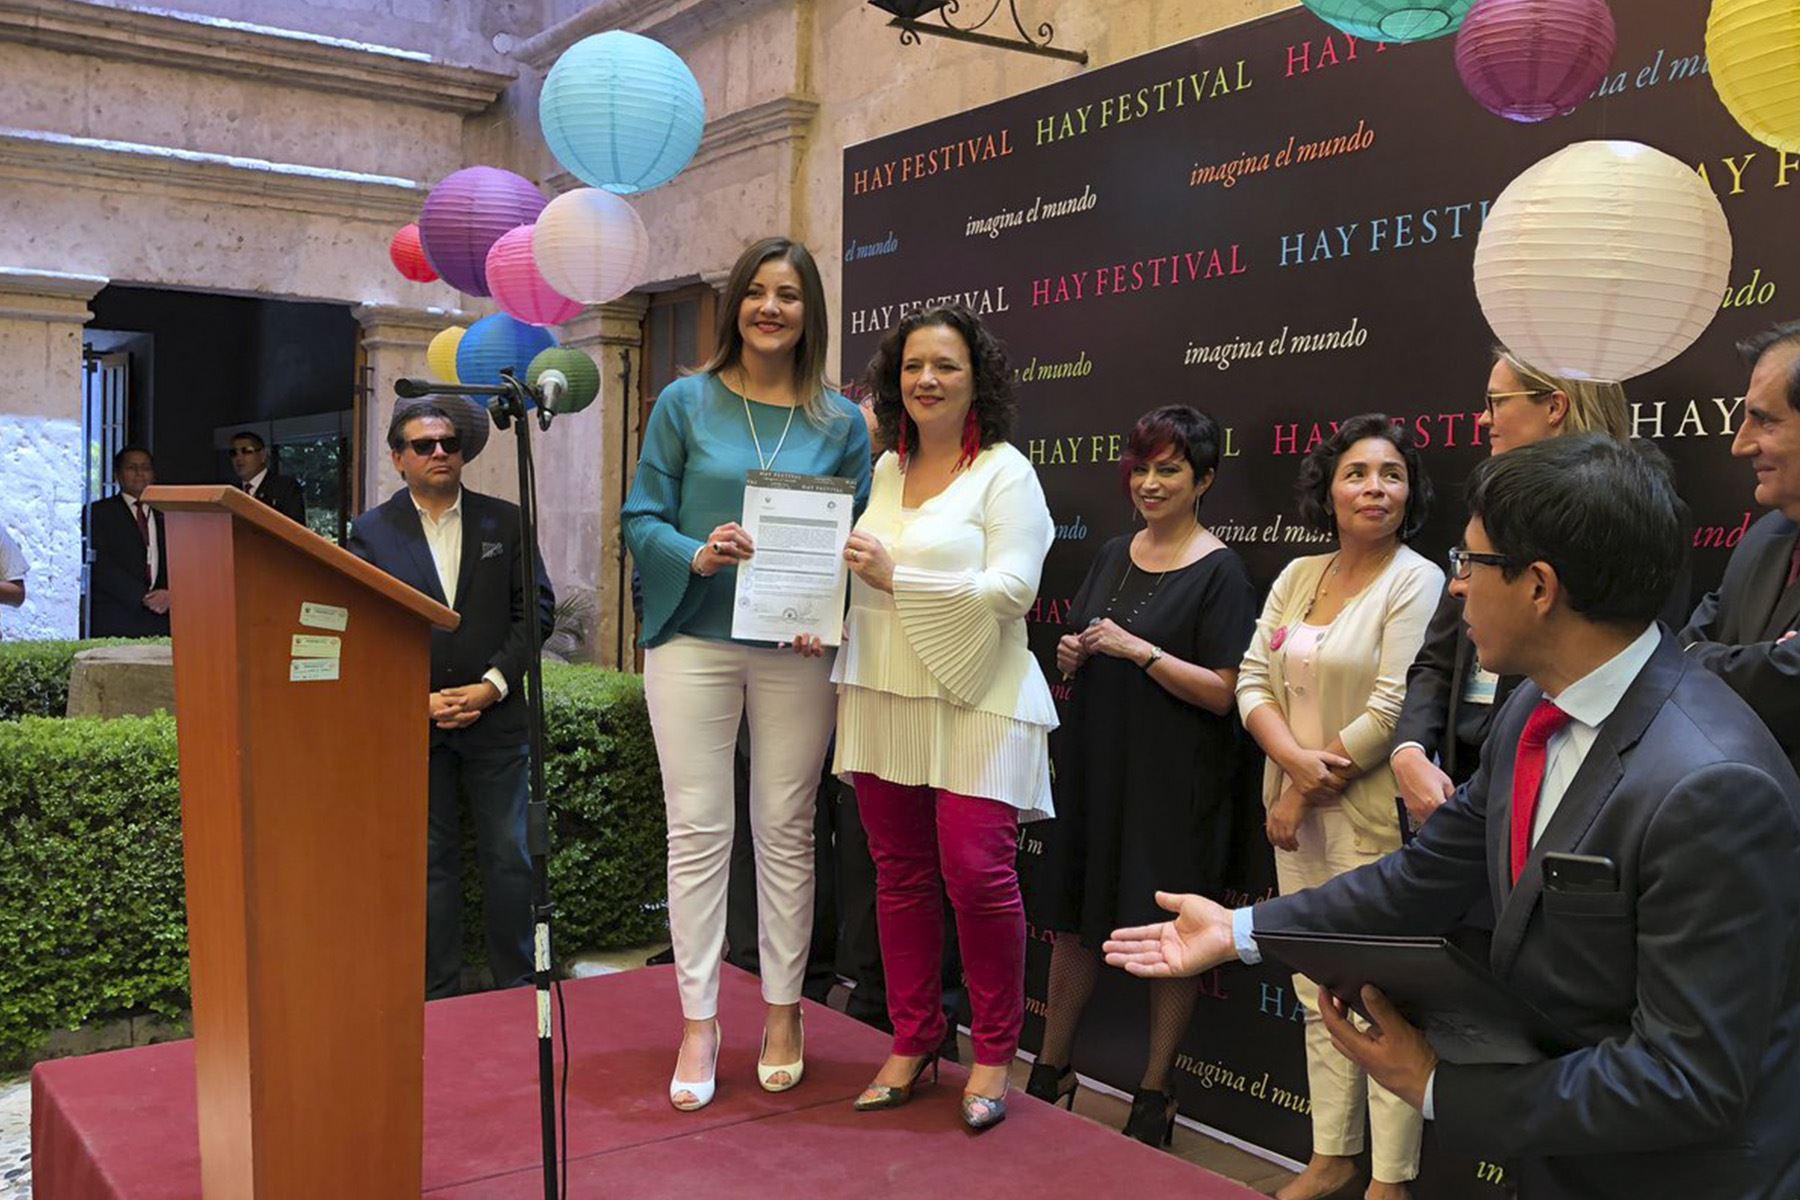 Hoy fue la inauguración del Hay Festival Arequipa (Foto: Twitter/ @hayfestival_esp )